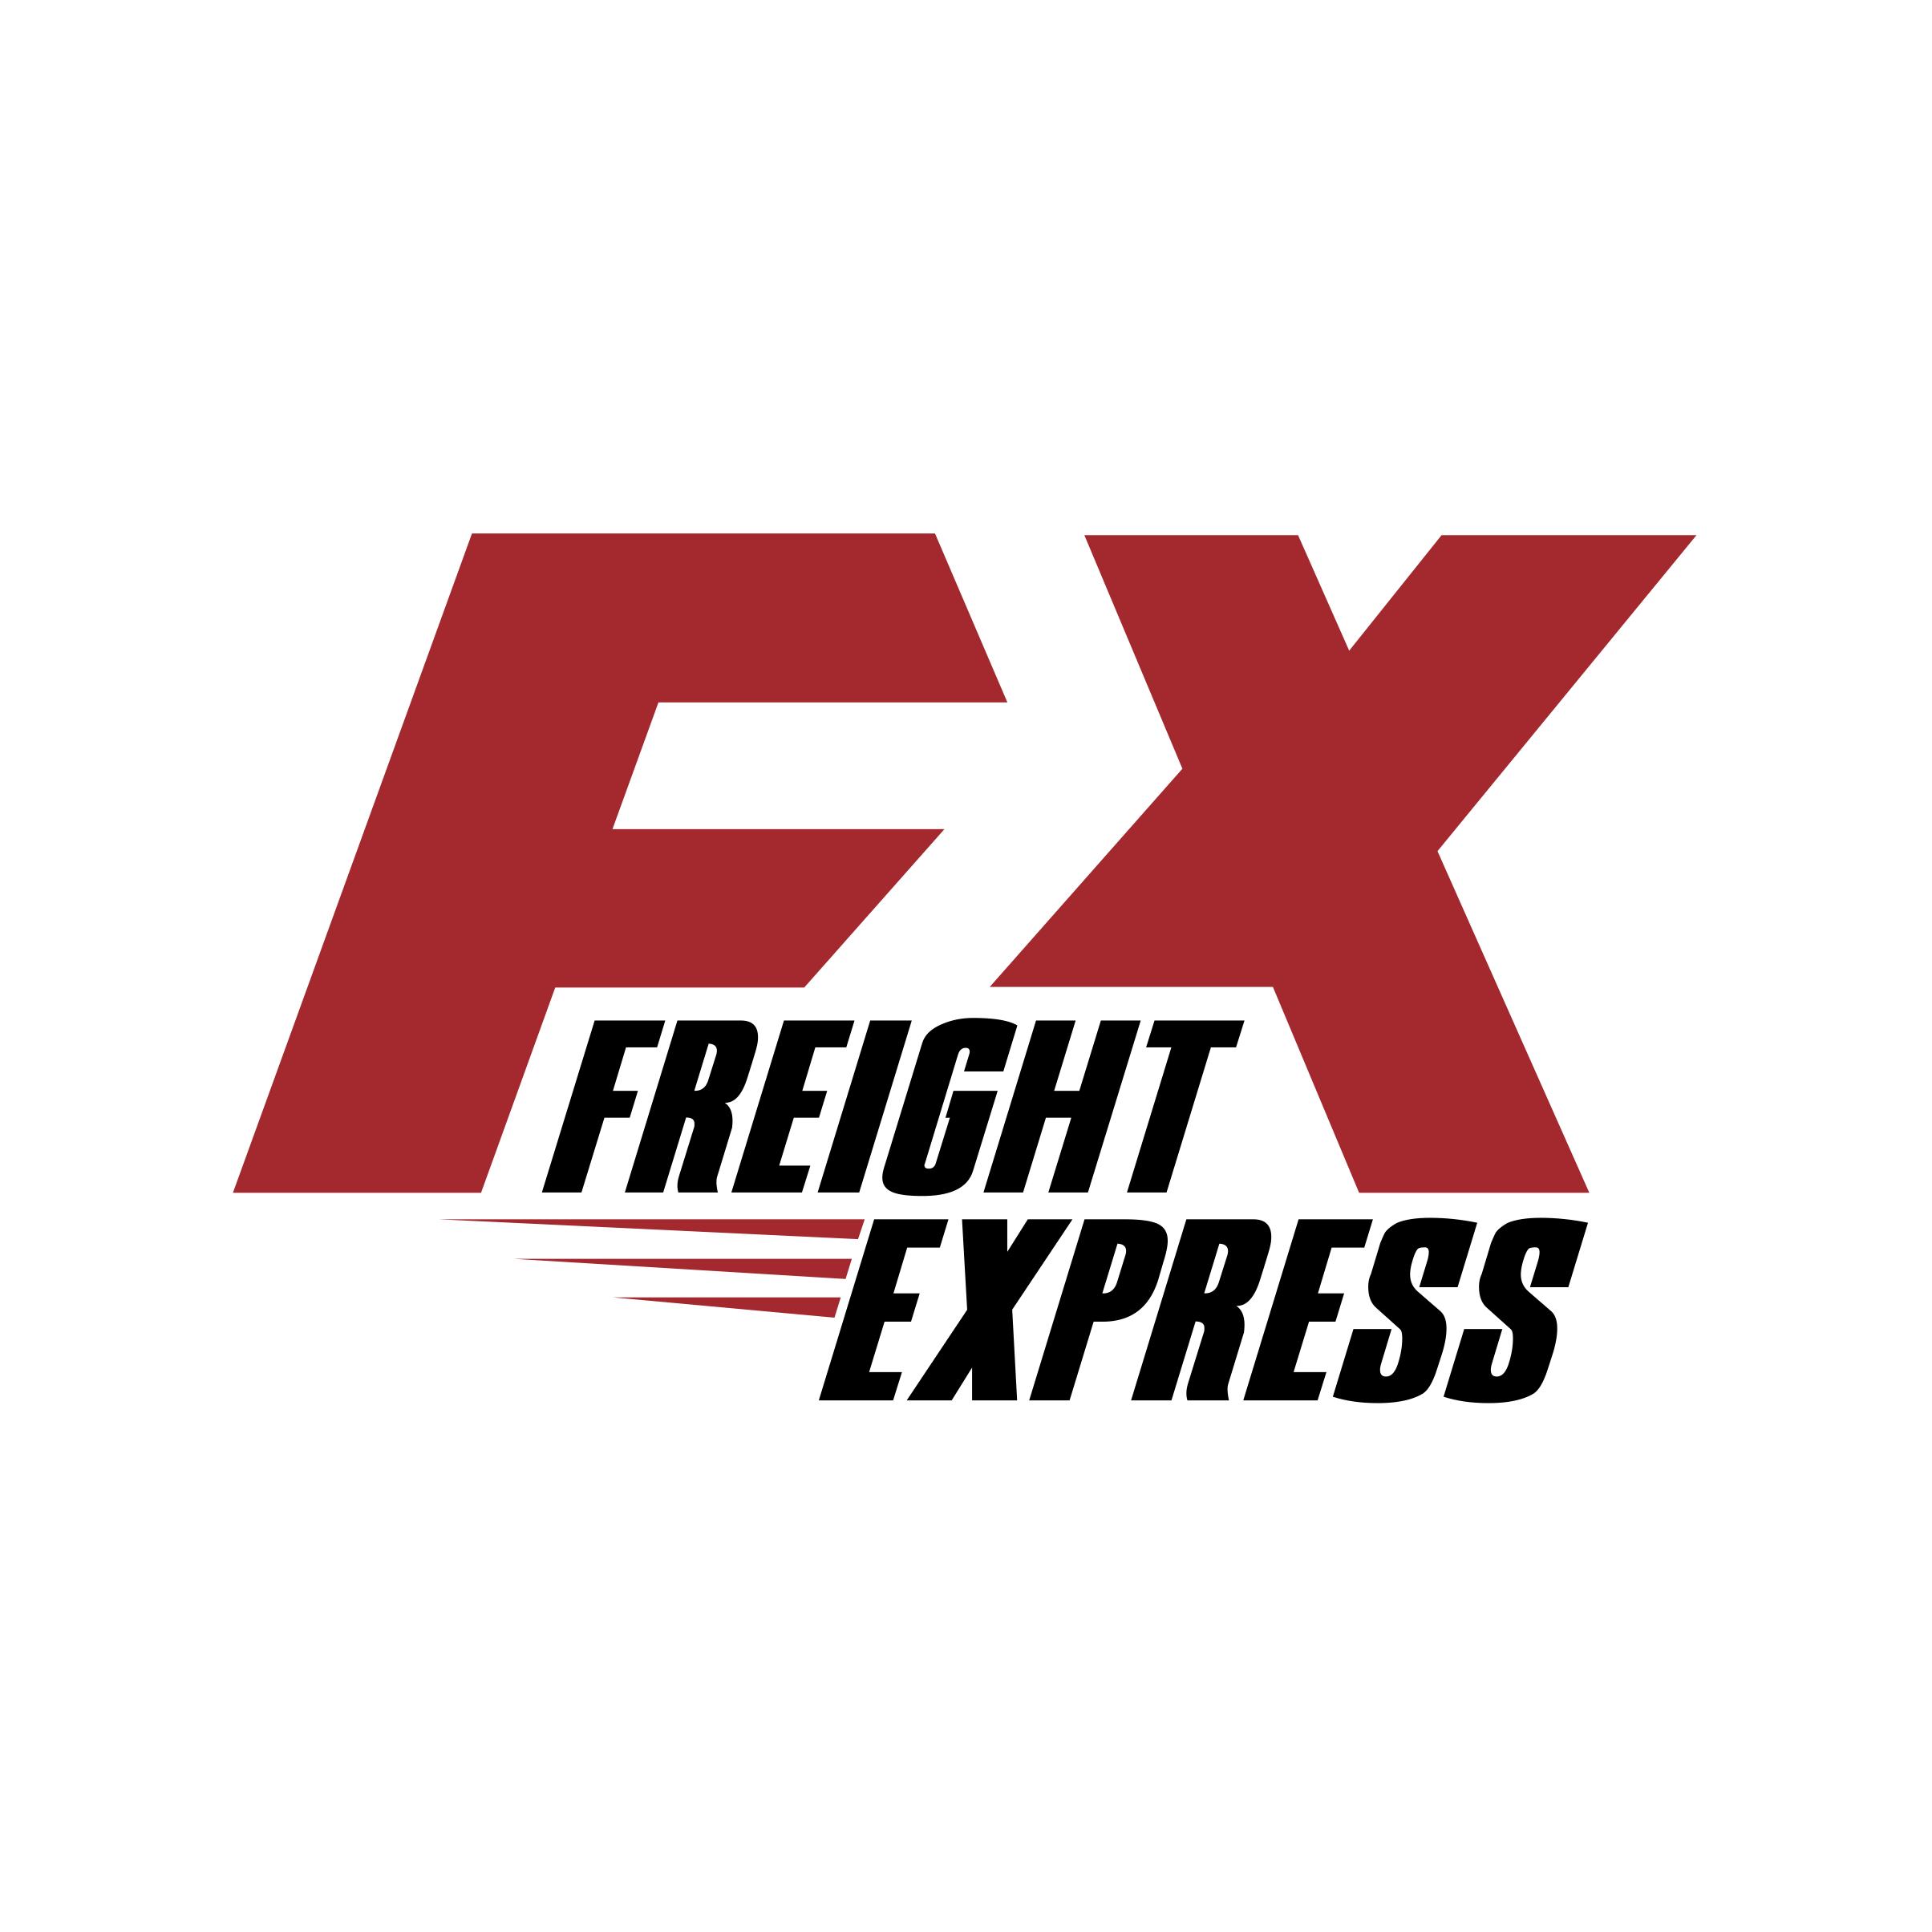 Freight Express